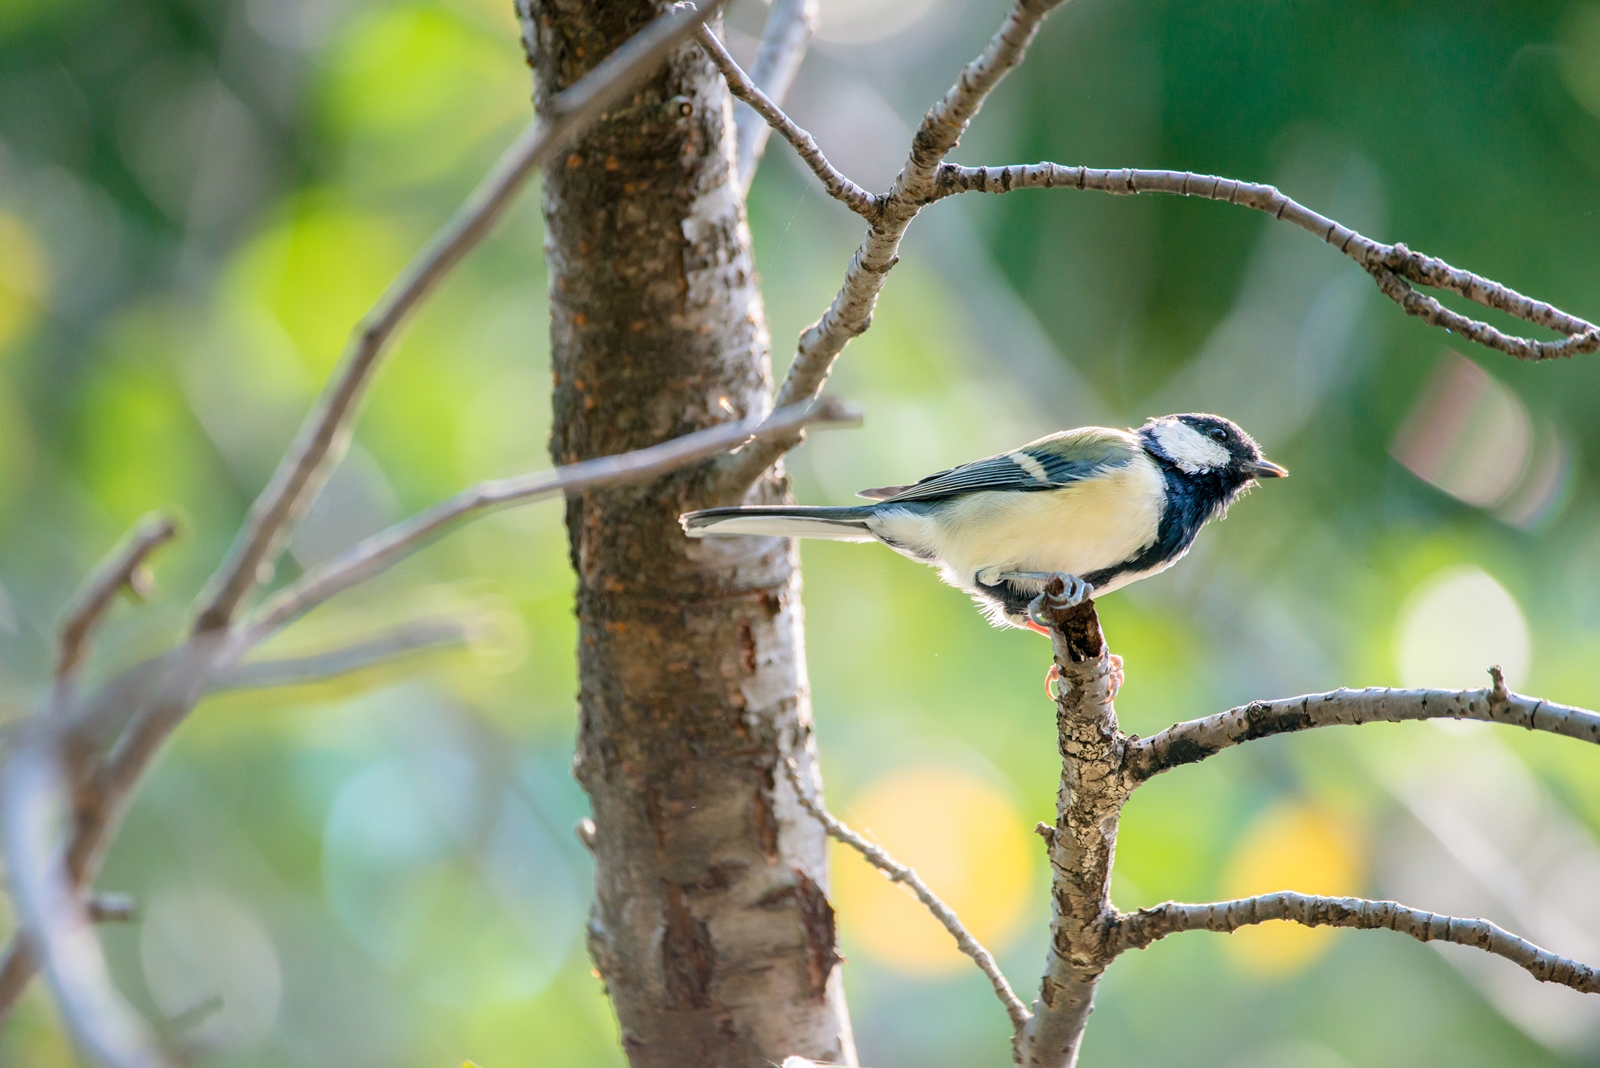 Photo: 光の心地良さ Pleasant shine.  きらりきらりと零れるように 木々の合い間へ光が届く 優しい輝きが感じさせる 安らぎのひととき  Japanese Tit. (シジュウカラ)  #birdphotography #birds  #cooljapan #kawaii  #nikon #sigma   Nikon D800E SIGMA 150-600mm F5-6.3 DG OS HSM Contemporary